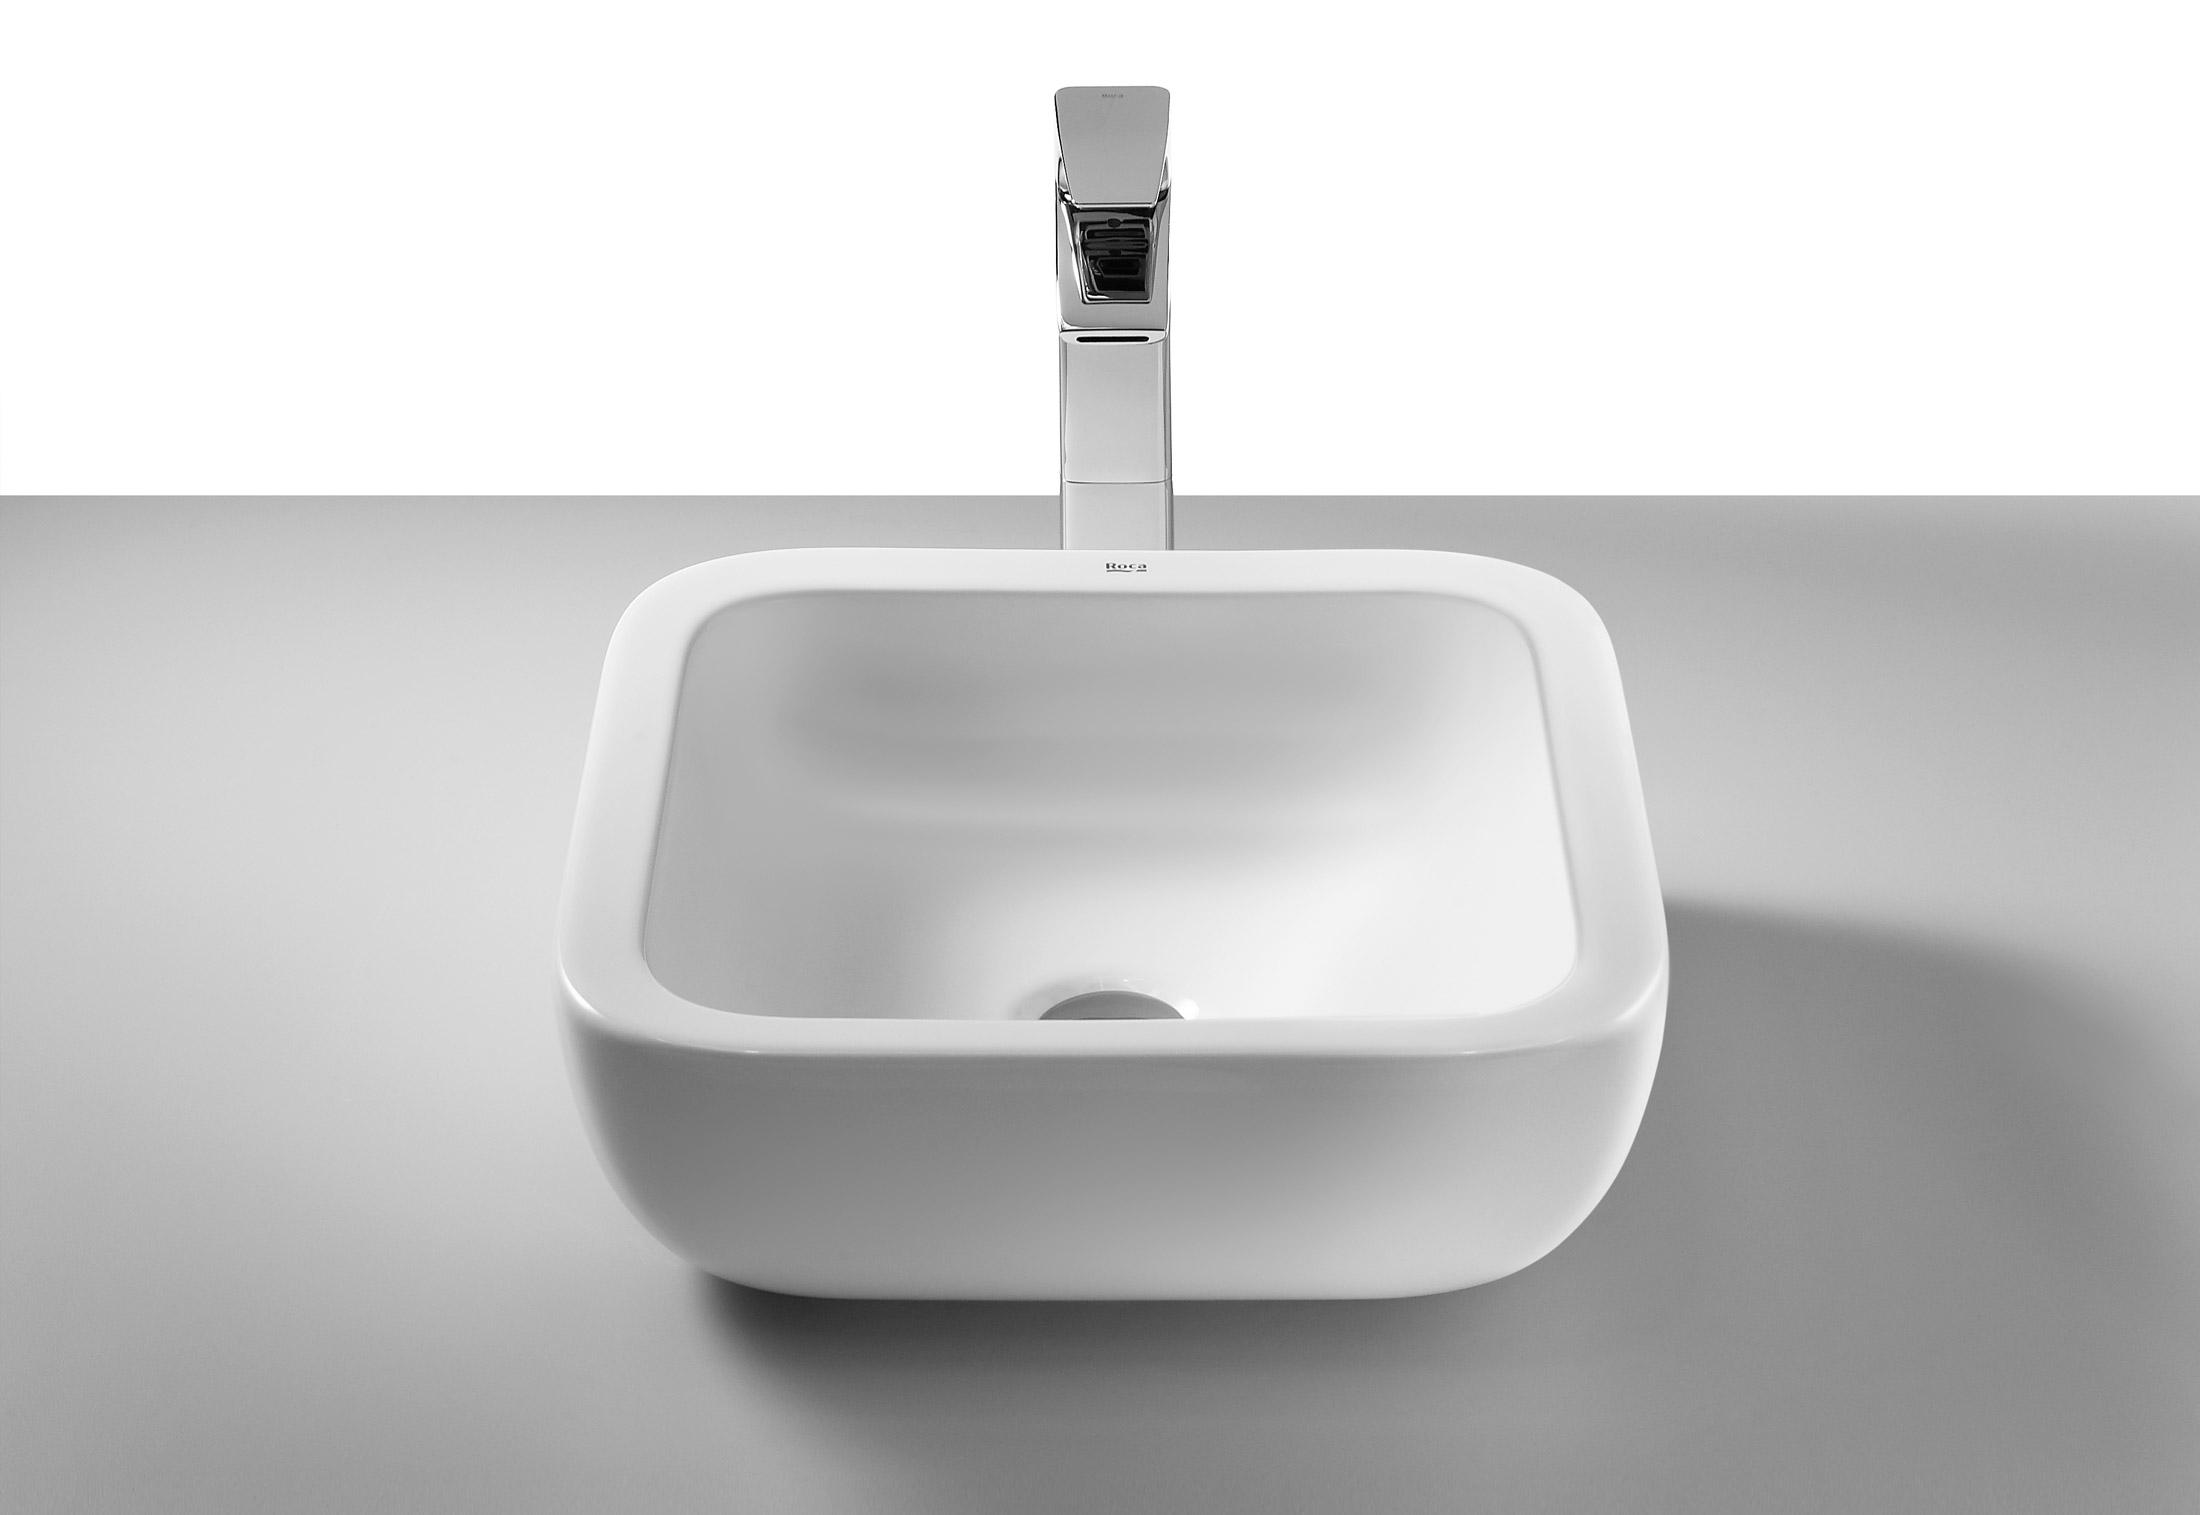 schmale waschbecken schmale waschtische with schmale. Black Bedroom Furniture Sets. Home Design Ideas